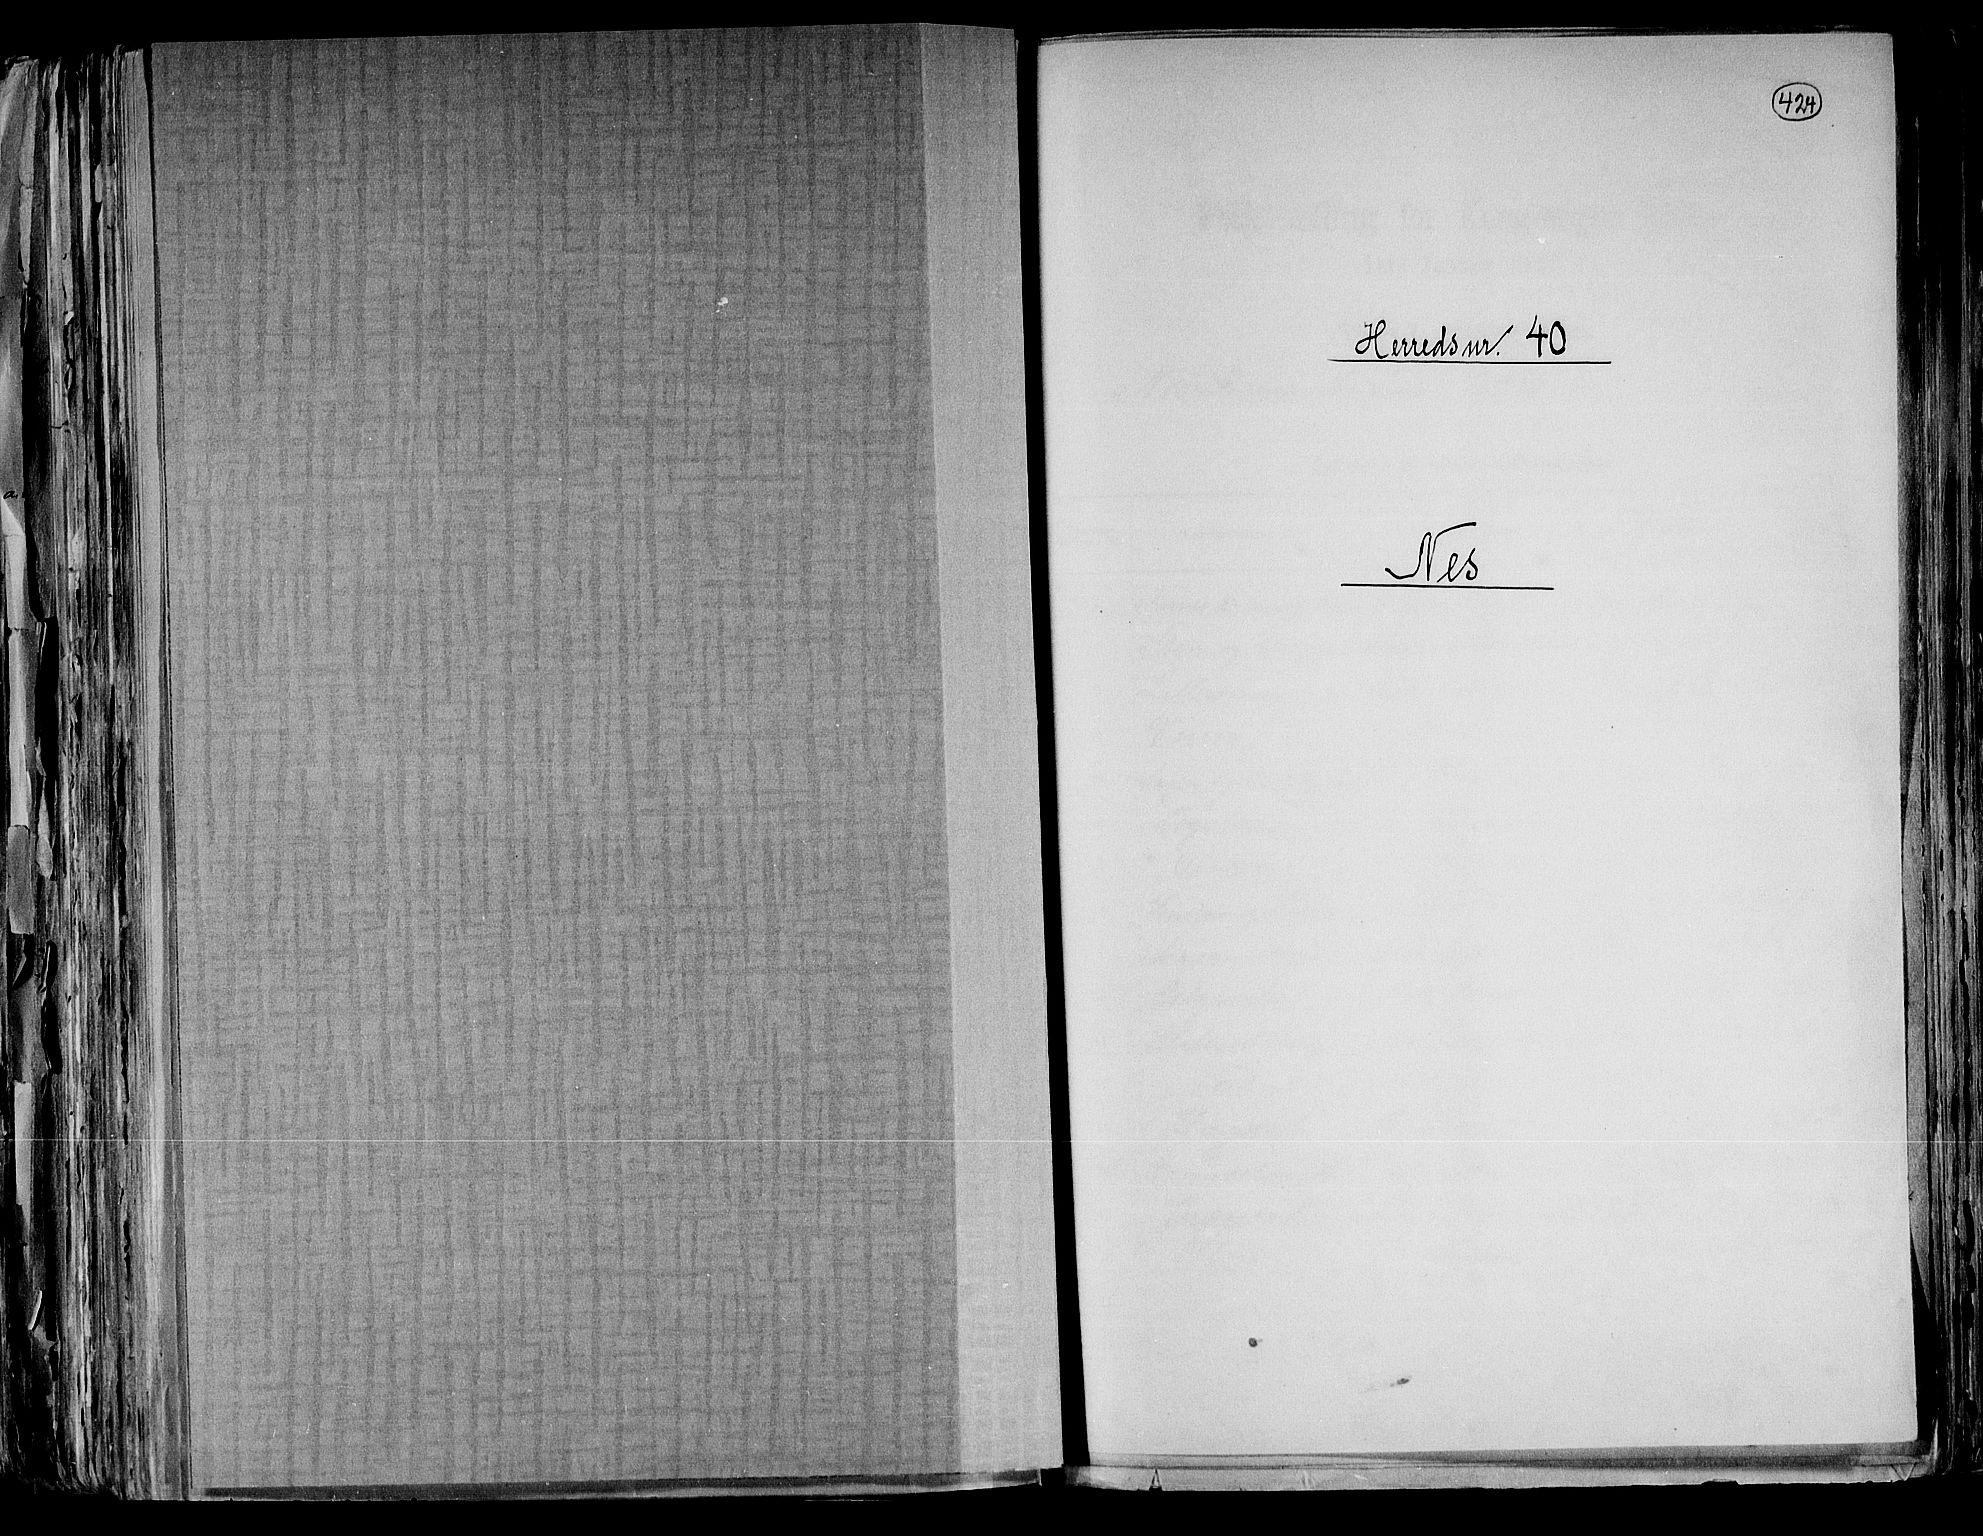 RA, Folketelling 1891 for 0236 Nes herred, 1891, s. 1